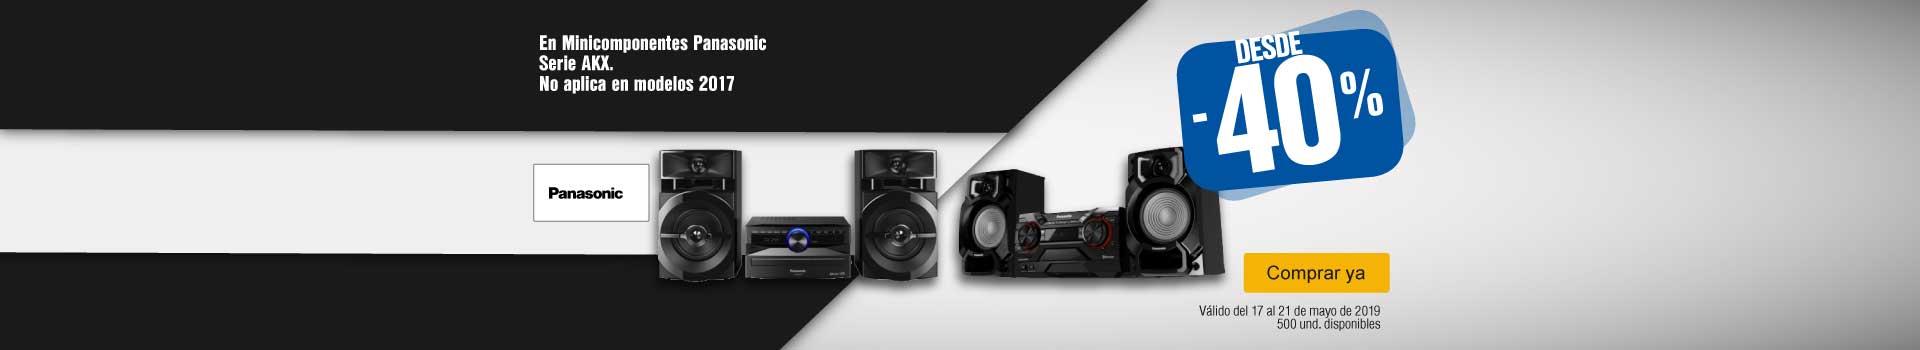 AK-KT-AUDIO-PANASONIC-CJ87-BCAT3-17MAYO